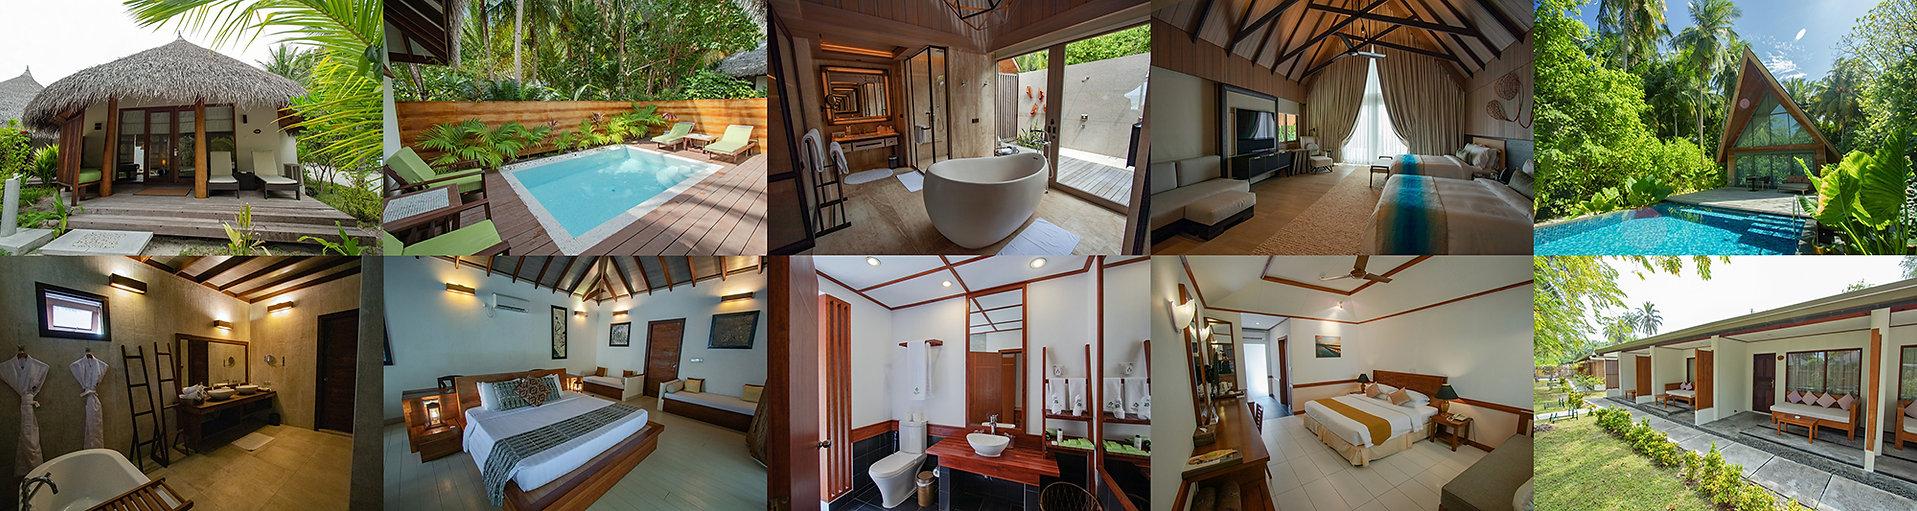 Zahrdní vily, zahradní bungalovy, Maledivy